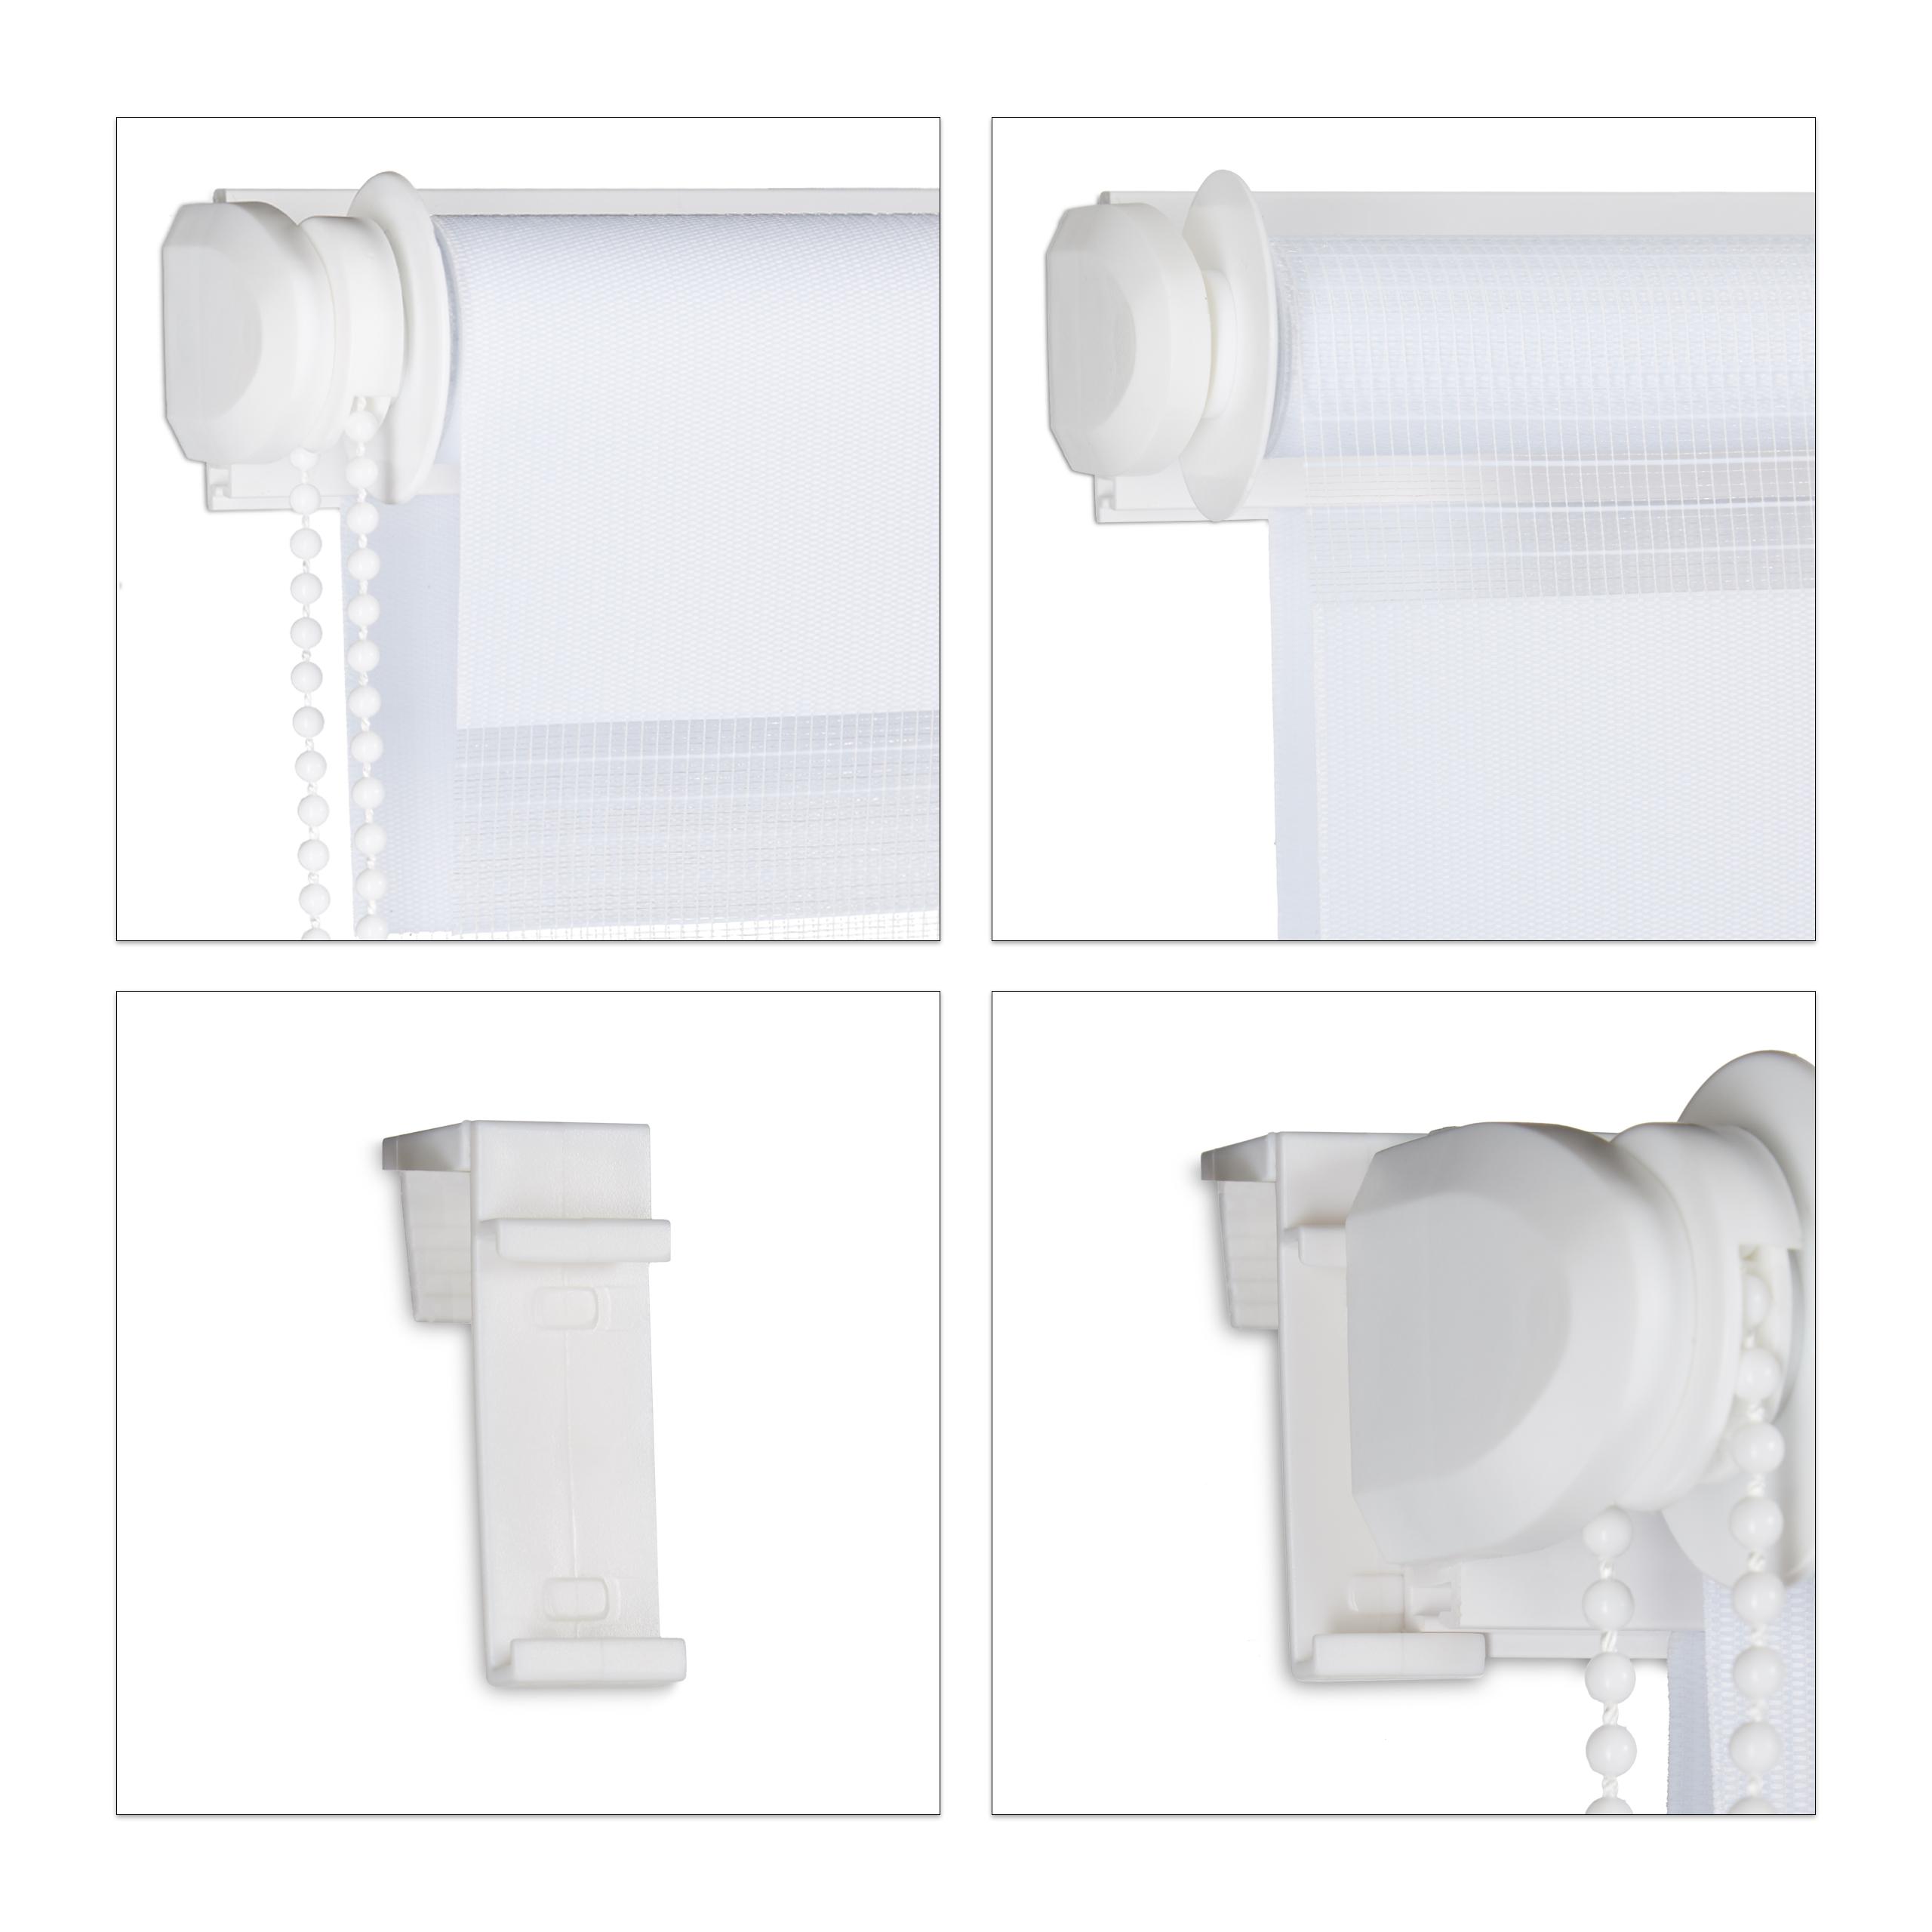 Doppelrollo Klemmfix Seitenzugrollo weiß Duorollo ohne bohren Fensterrollo Stoff